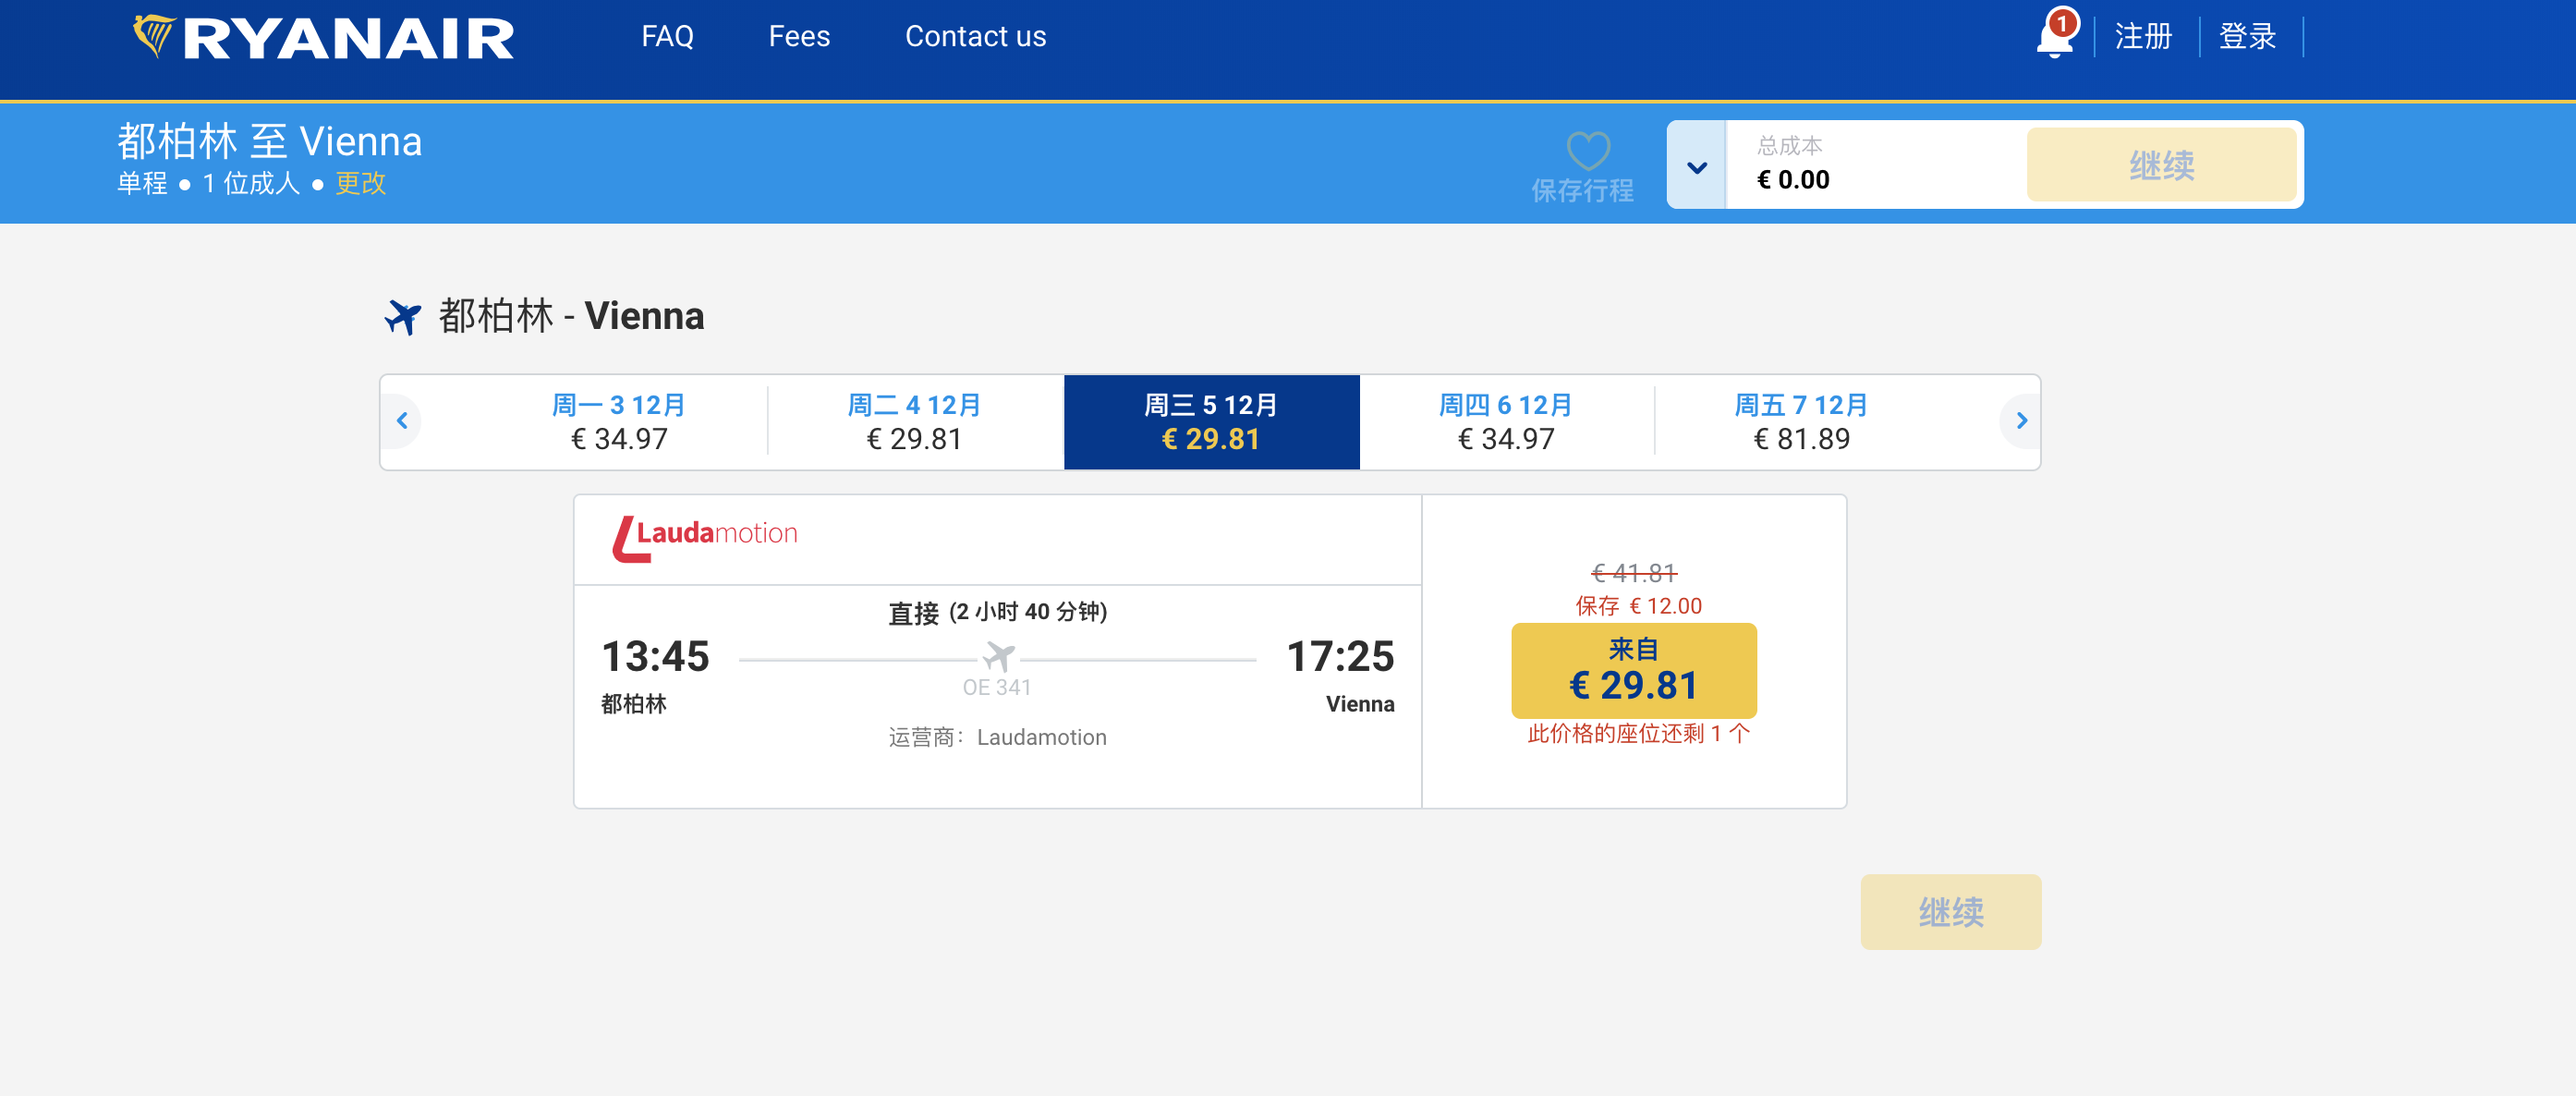 瑞安航空機票怎麼買?歐洲境內廉價航空Ryan air簡體中文購票教學步驟、注意事項與14歐促銷說明~